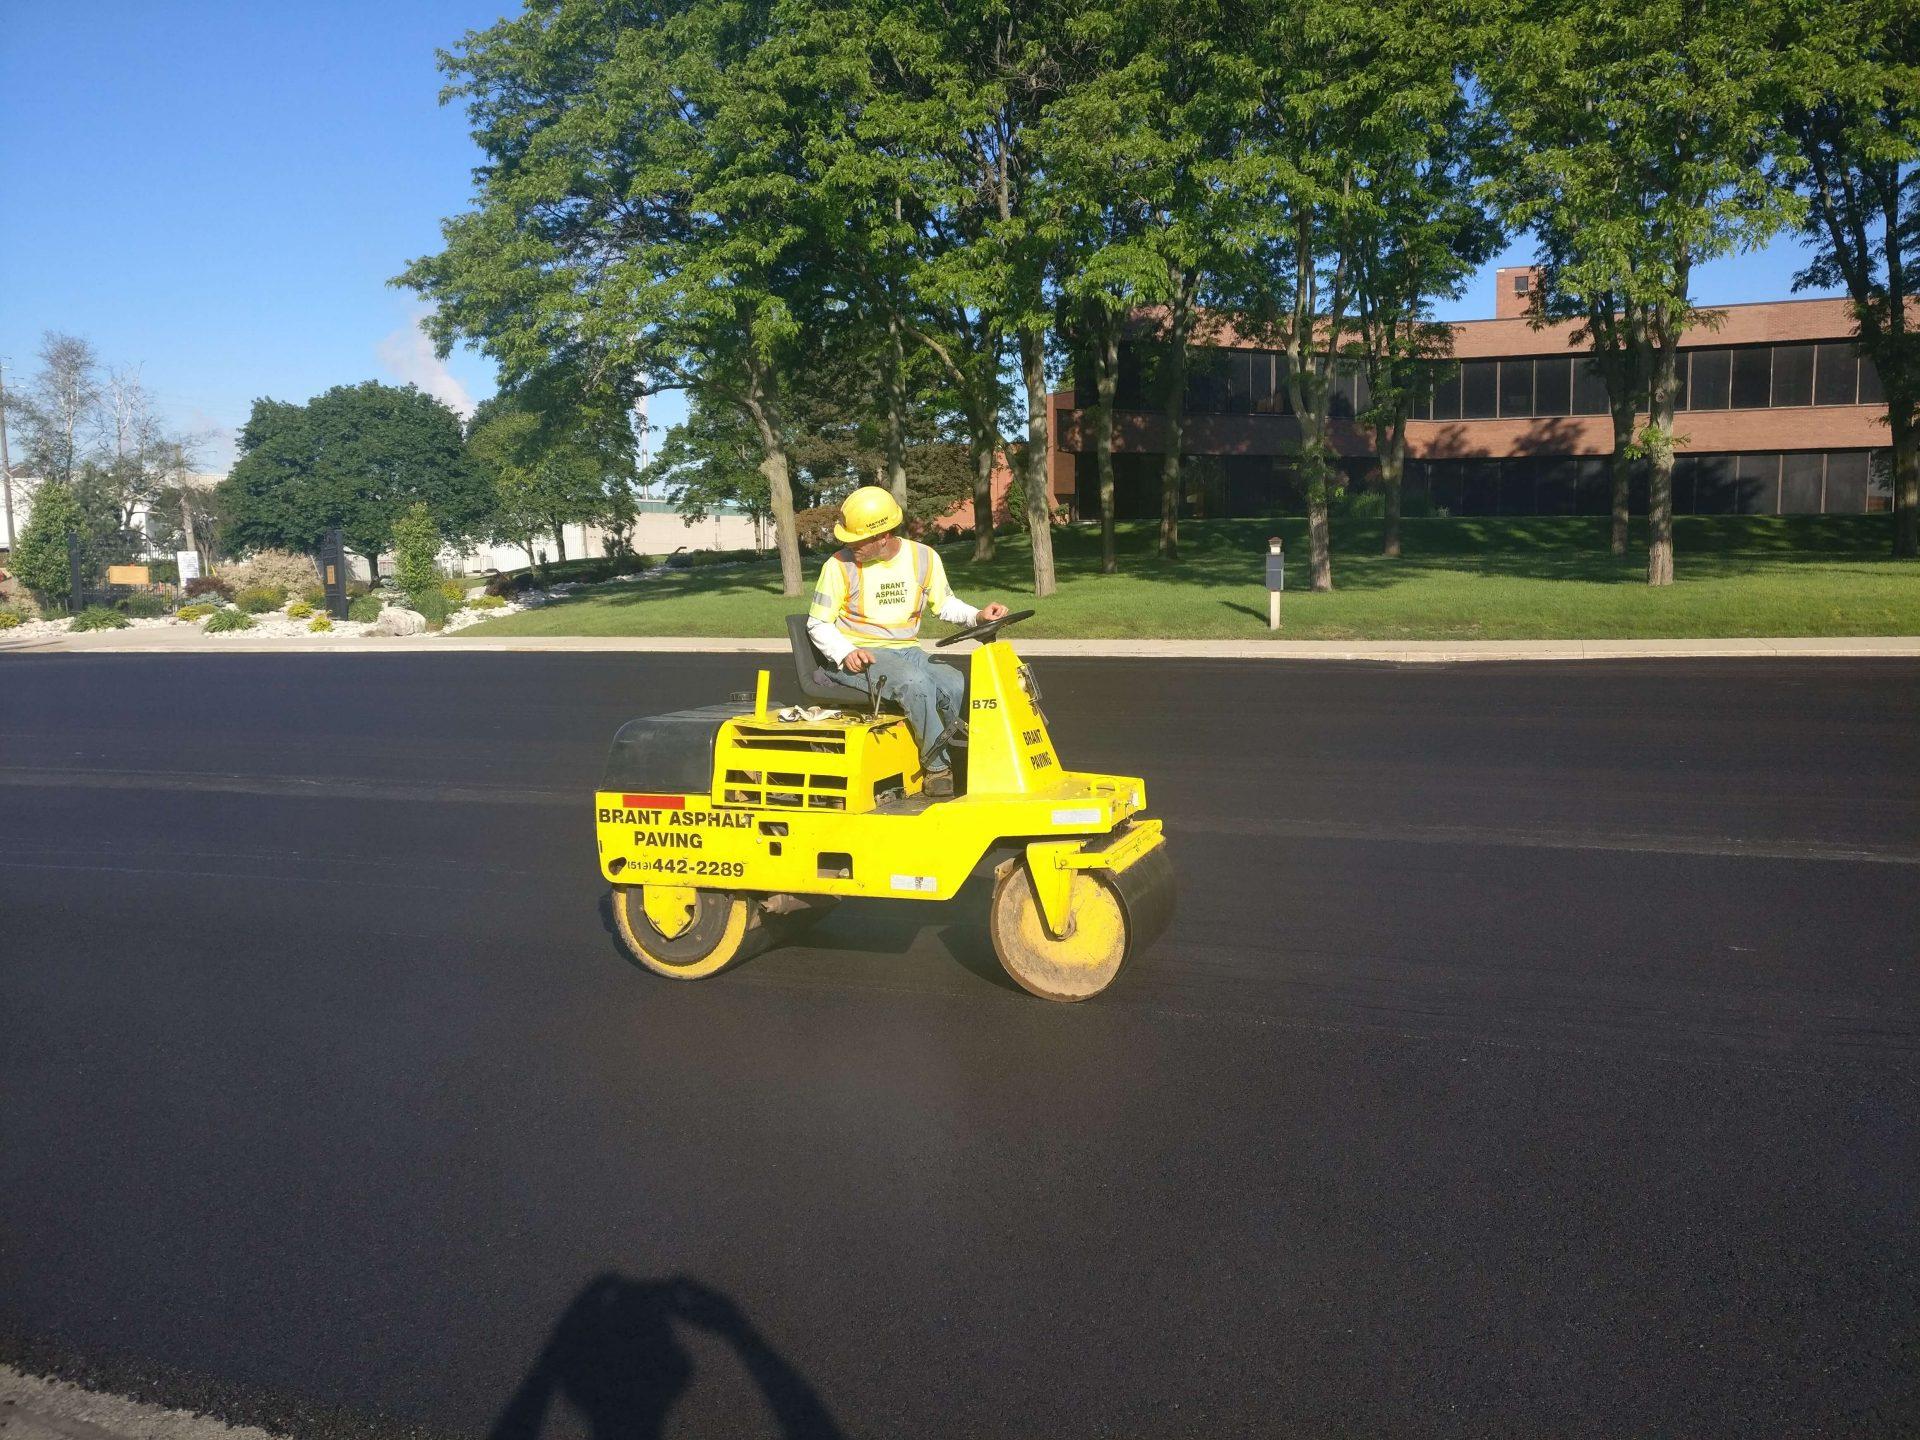 Paris Construction worker on freshly rolled asphalt